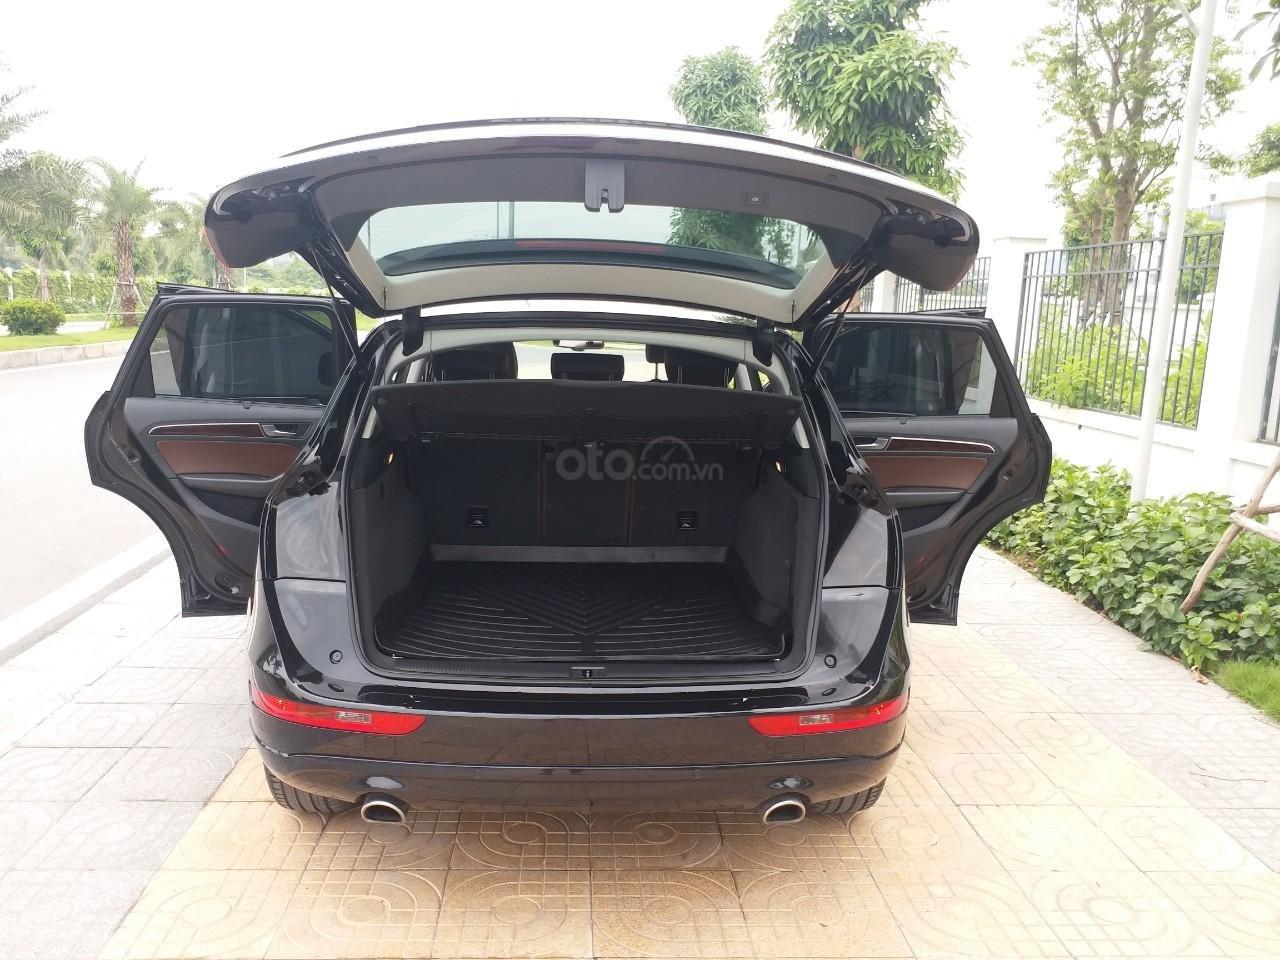 Bán Audi Q5 2.0 TFSI màu đen/ nâu, sản xuất cuối 2015 nhập Đức, đăng ký 2016 tên tư nhân (21)